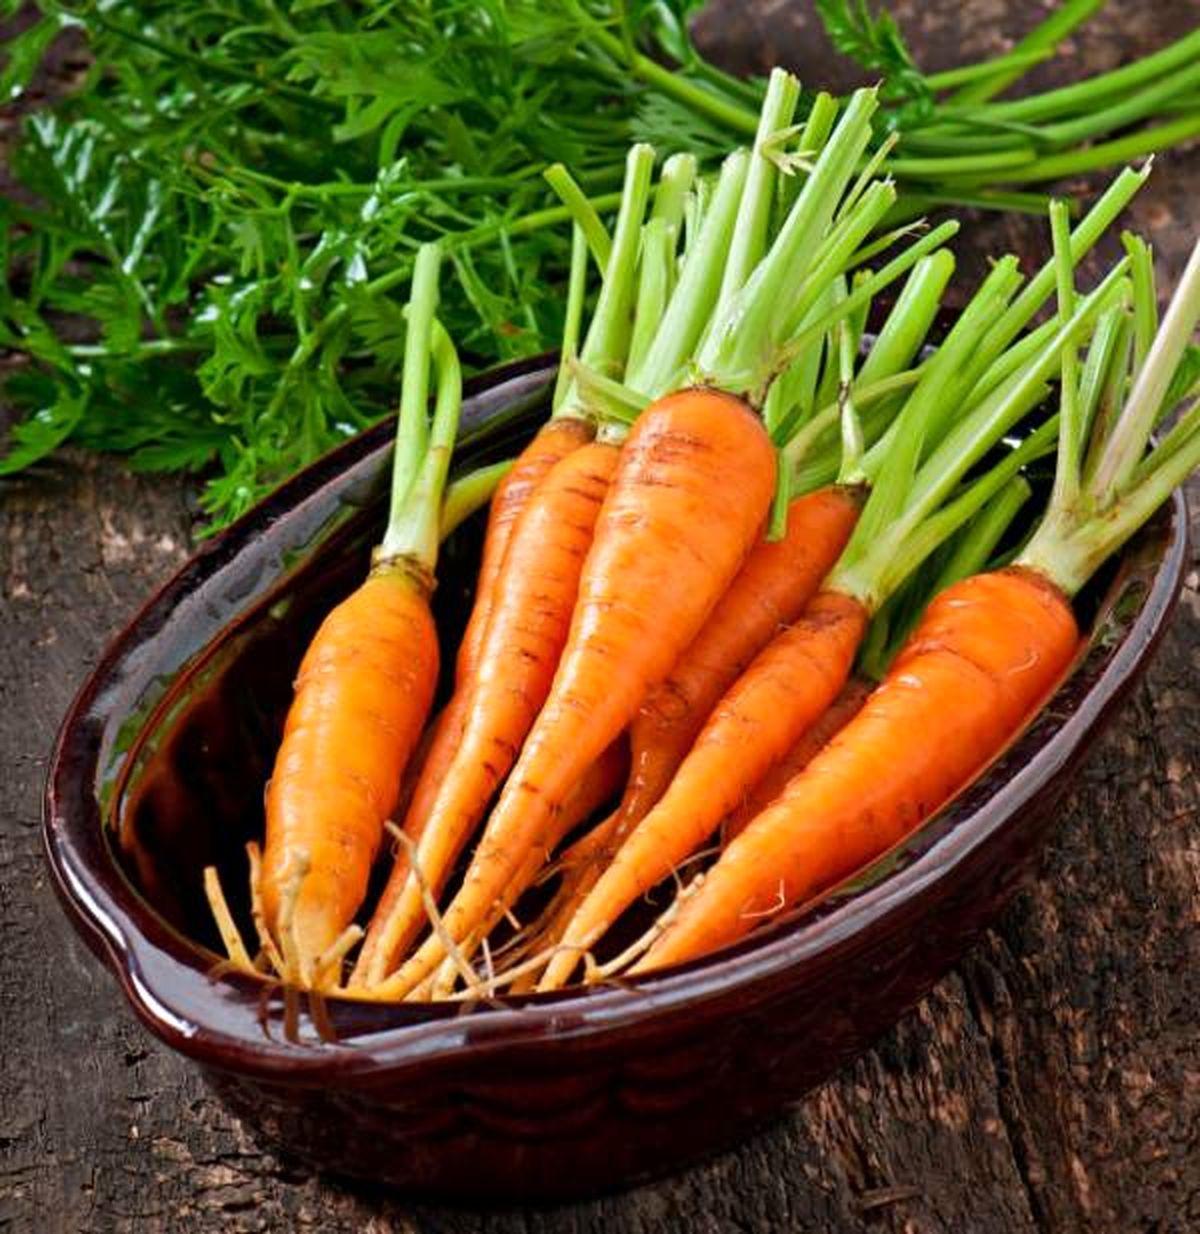 دلیل افزایش قیمت هویج چیست؟